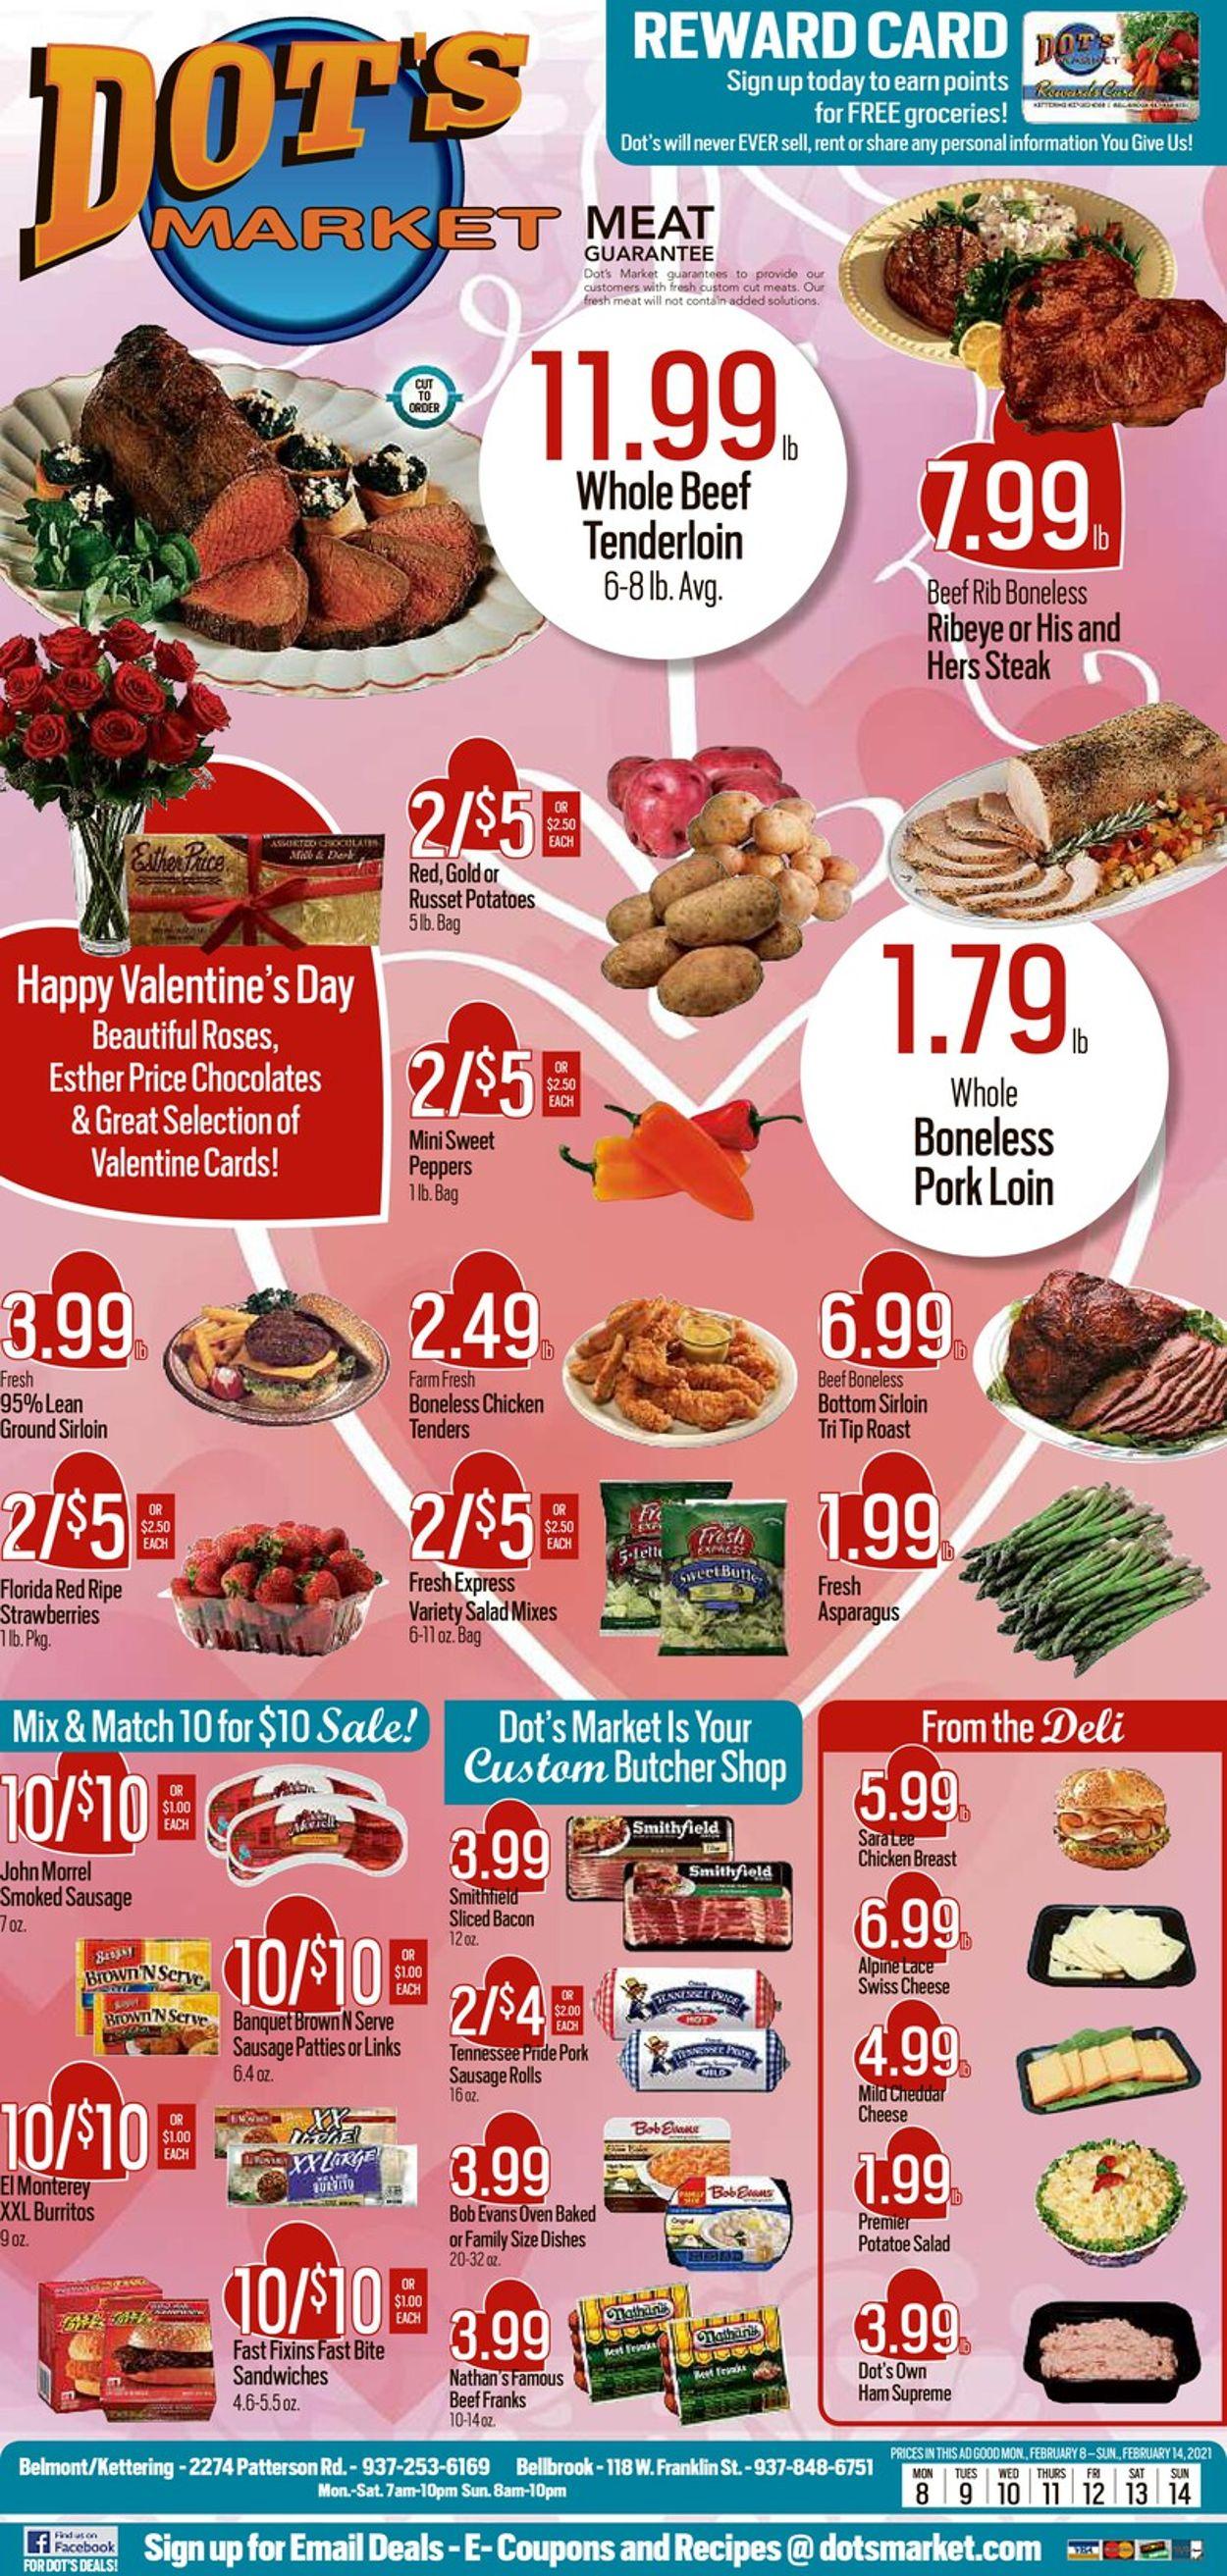 Dot's Market Weekly Ad Circular - valid 02/08-02/14/2021